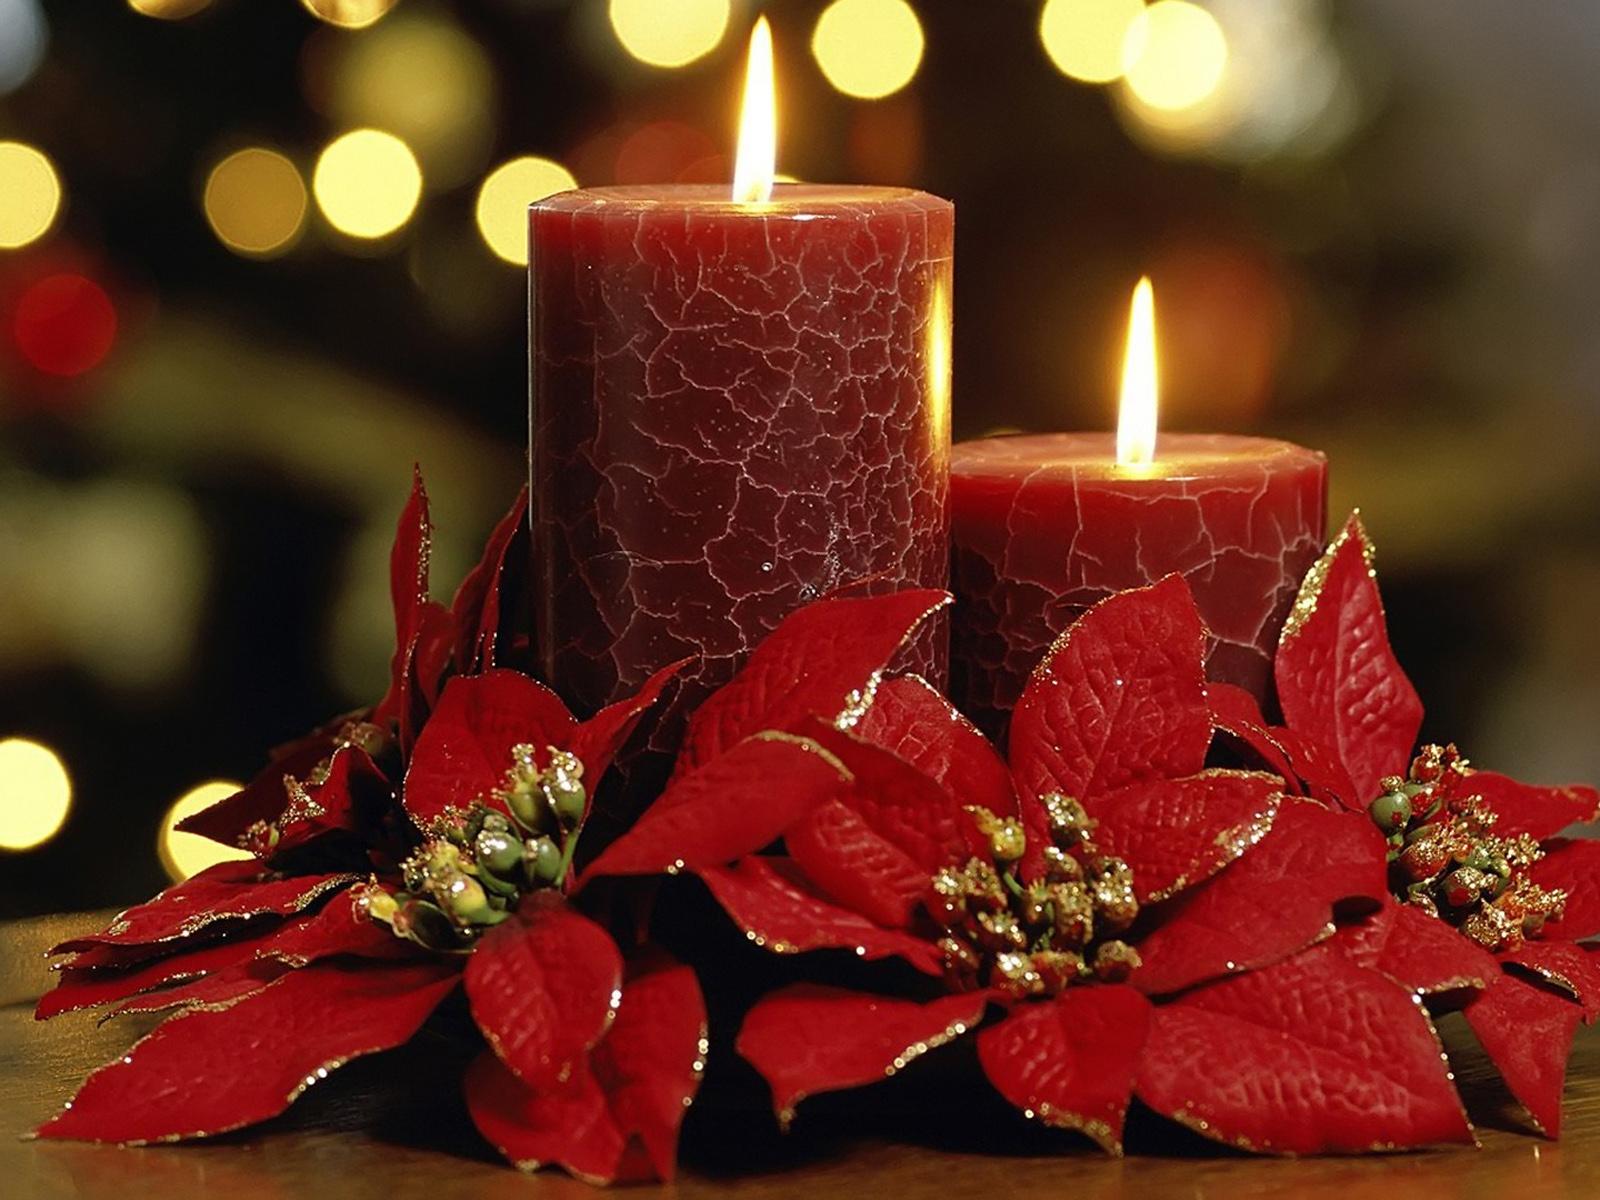 http://3.bp.blogspot.com/-nsBos2pLbx0/T6JClM1iSrI/AAAAAAAACXA/kxfu_bKtVyg/s1600/christmas+candles+3.jpg